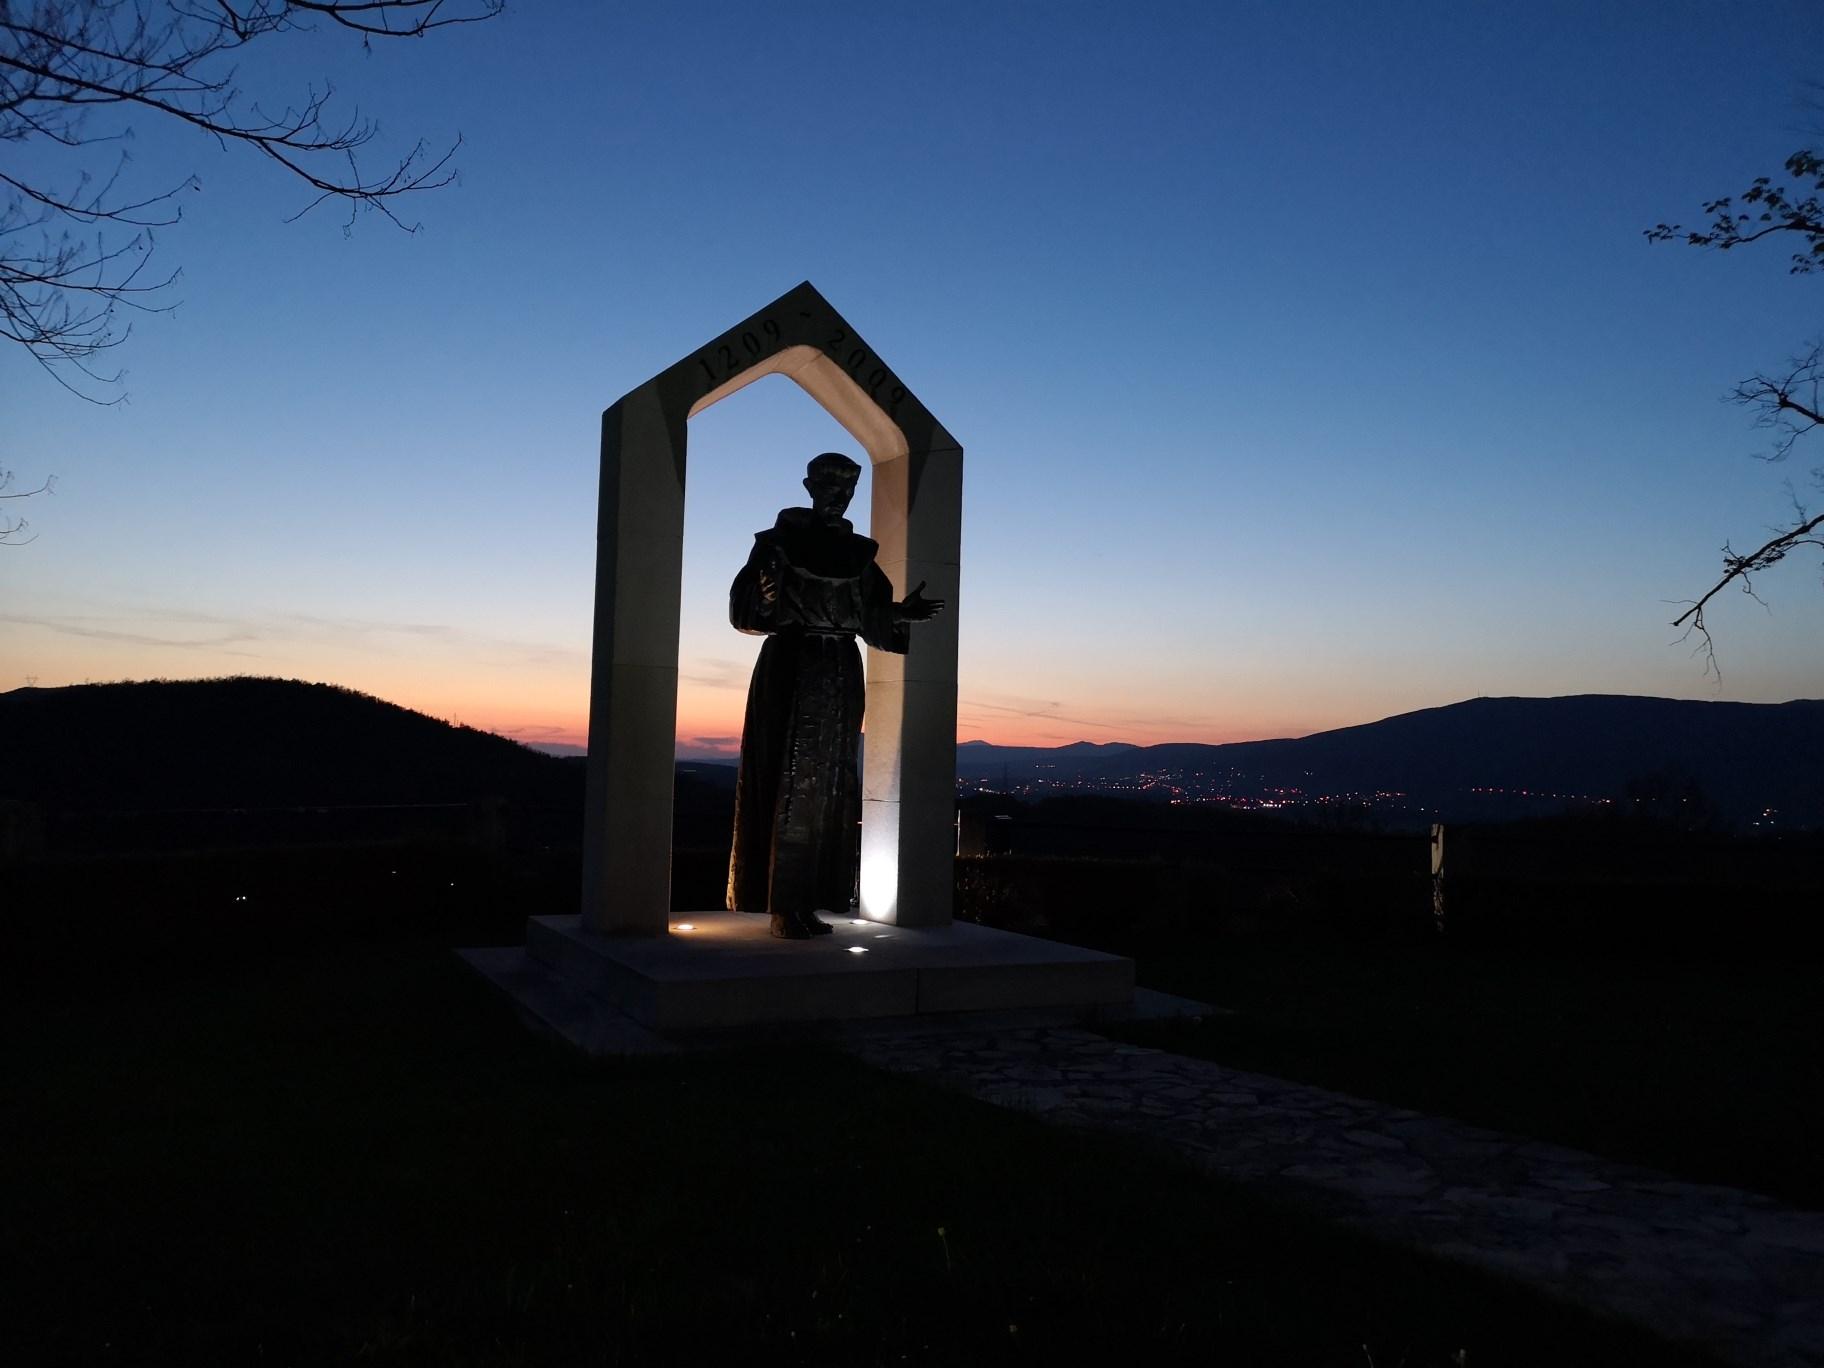 POSUŠKI GRADAC: Večeras započinje trodnevnica sv. Franji